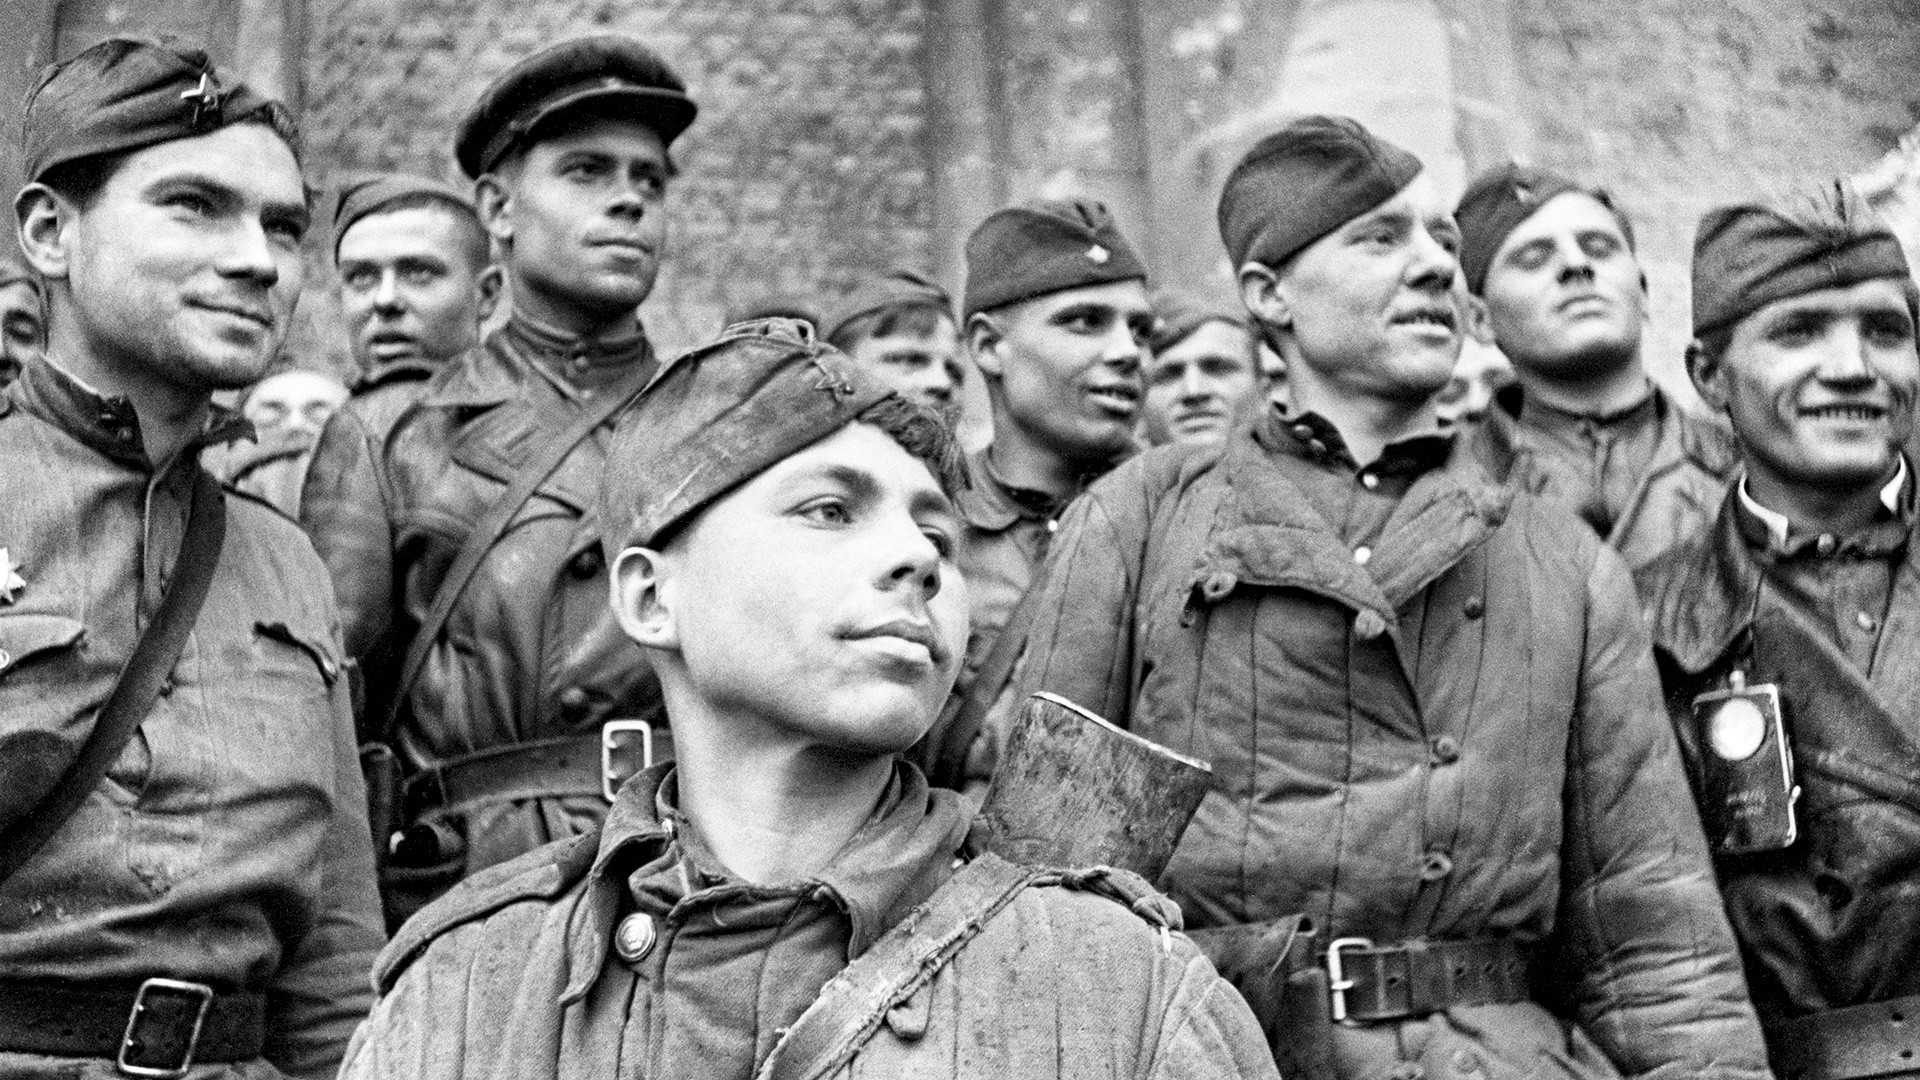 Des soldats soviétiques qui ont pris d'assaut le Reichstag